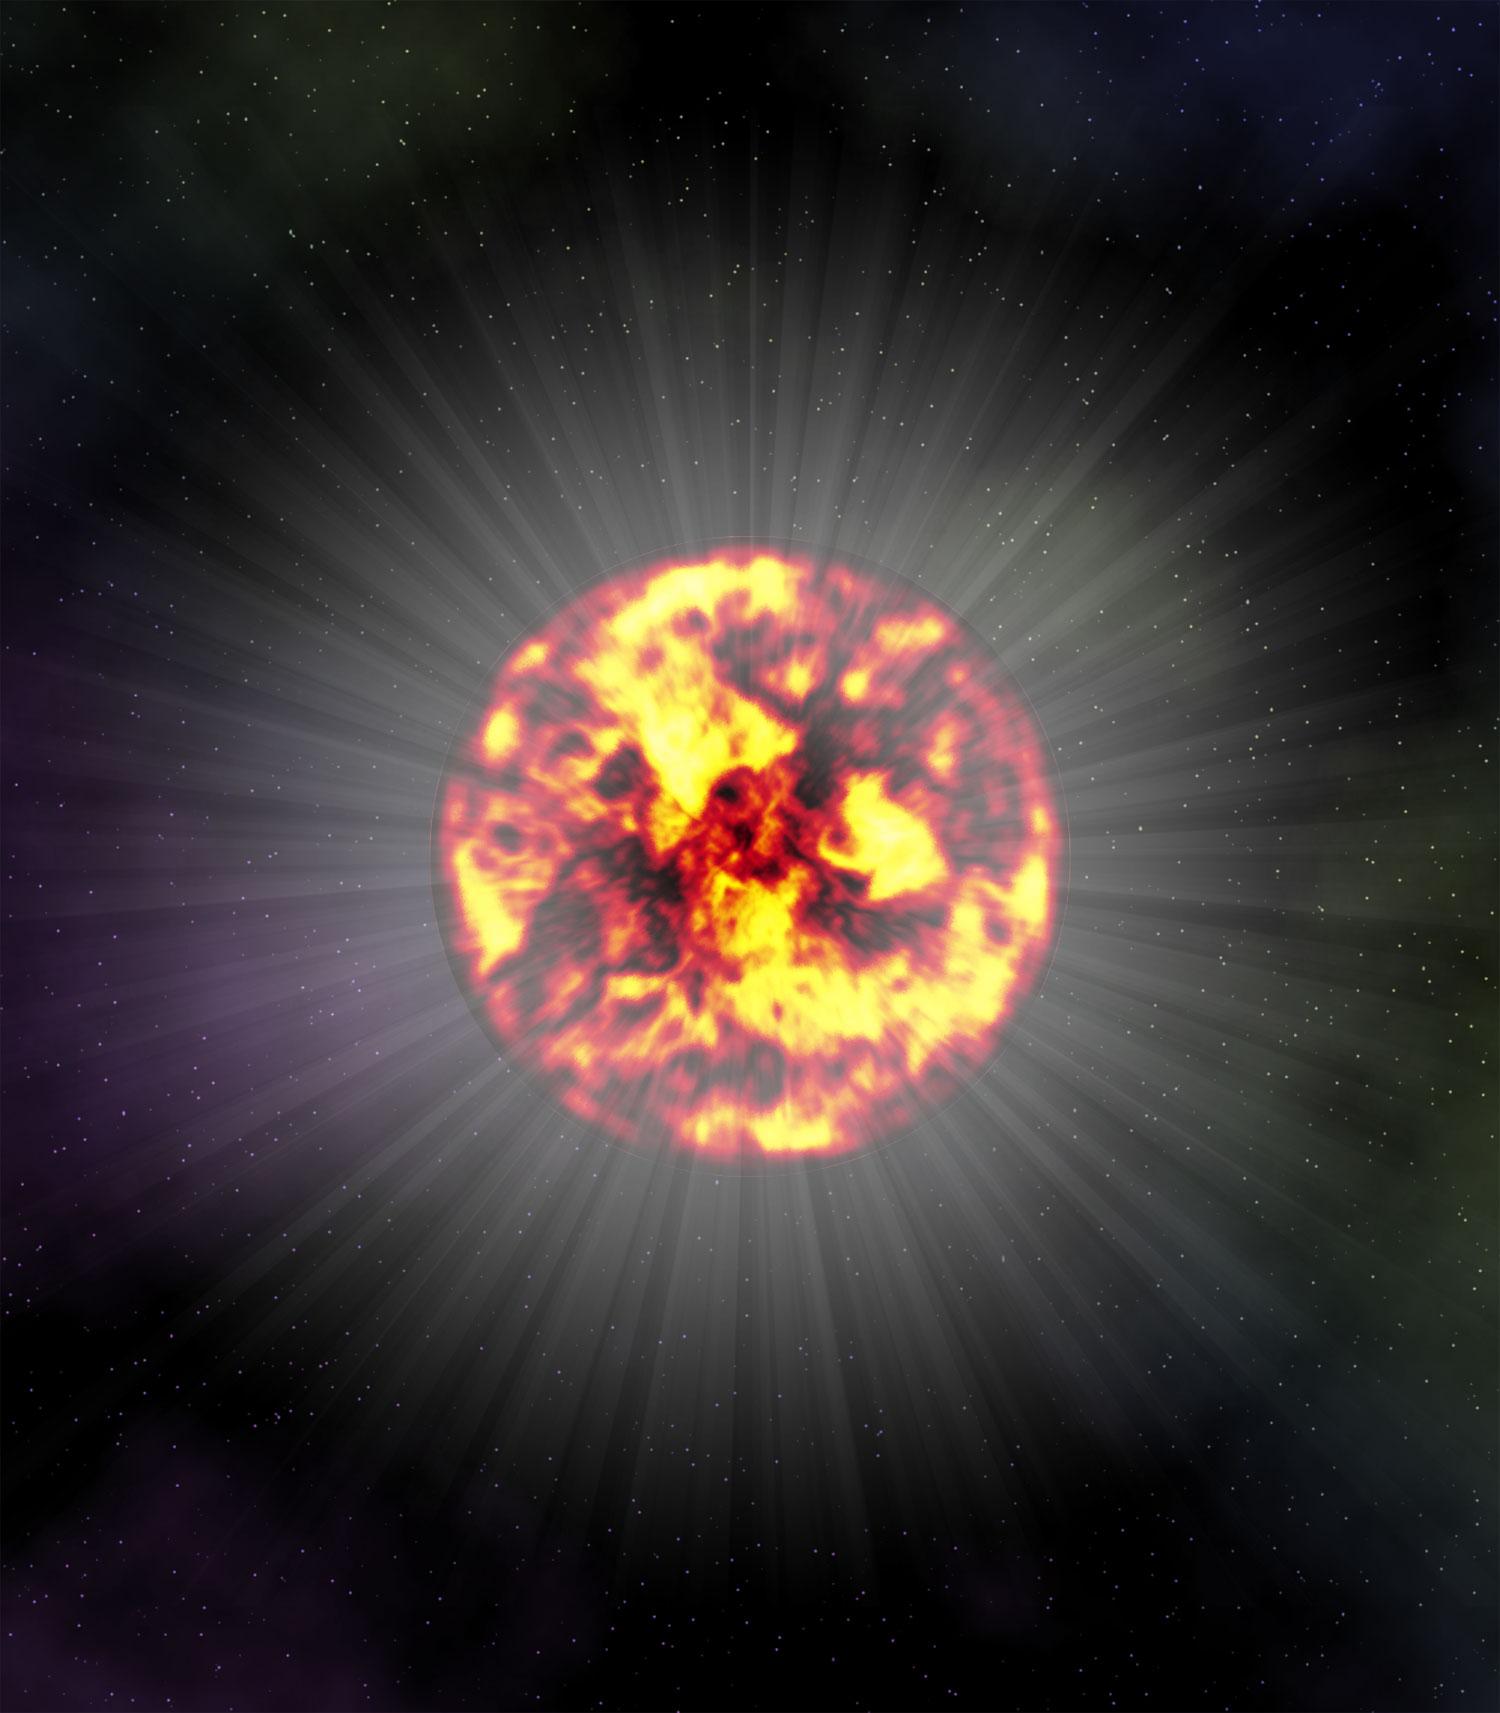 超新星爆発イメージ